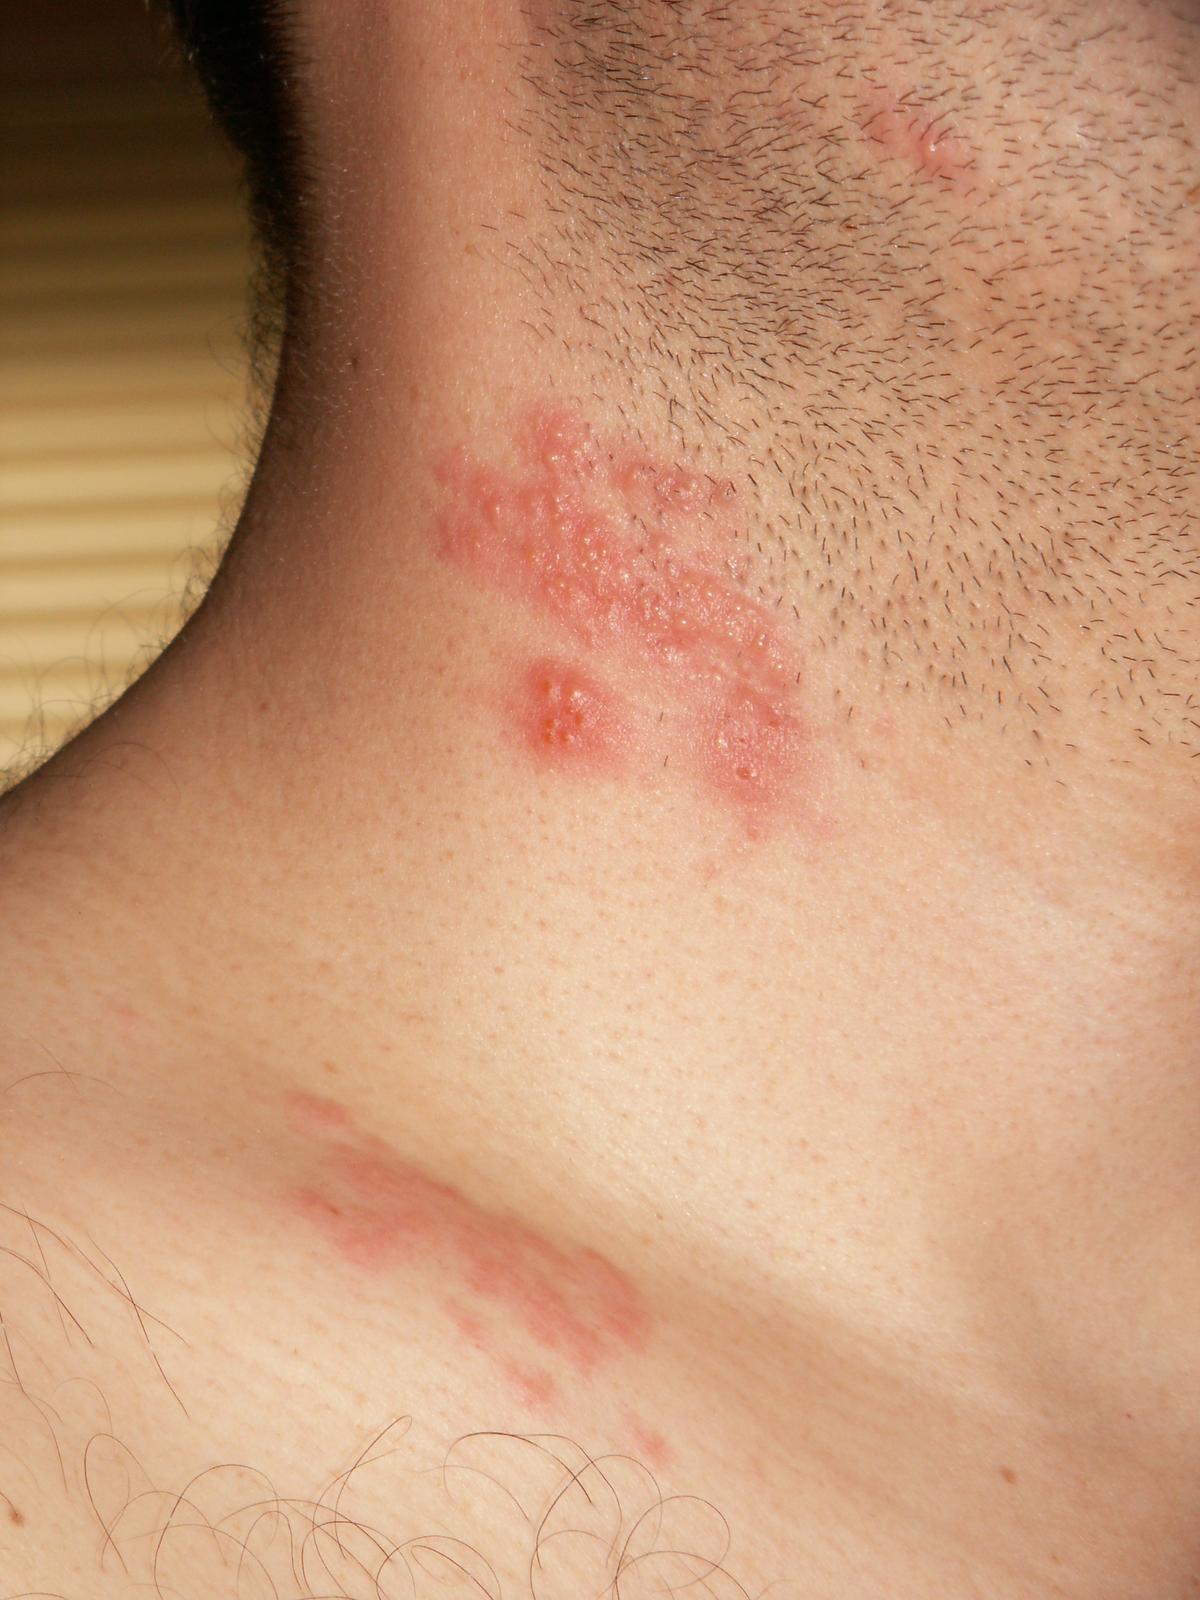 hpv on the skin rash